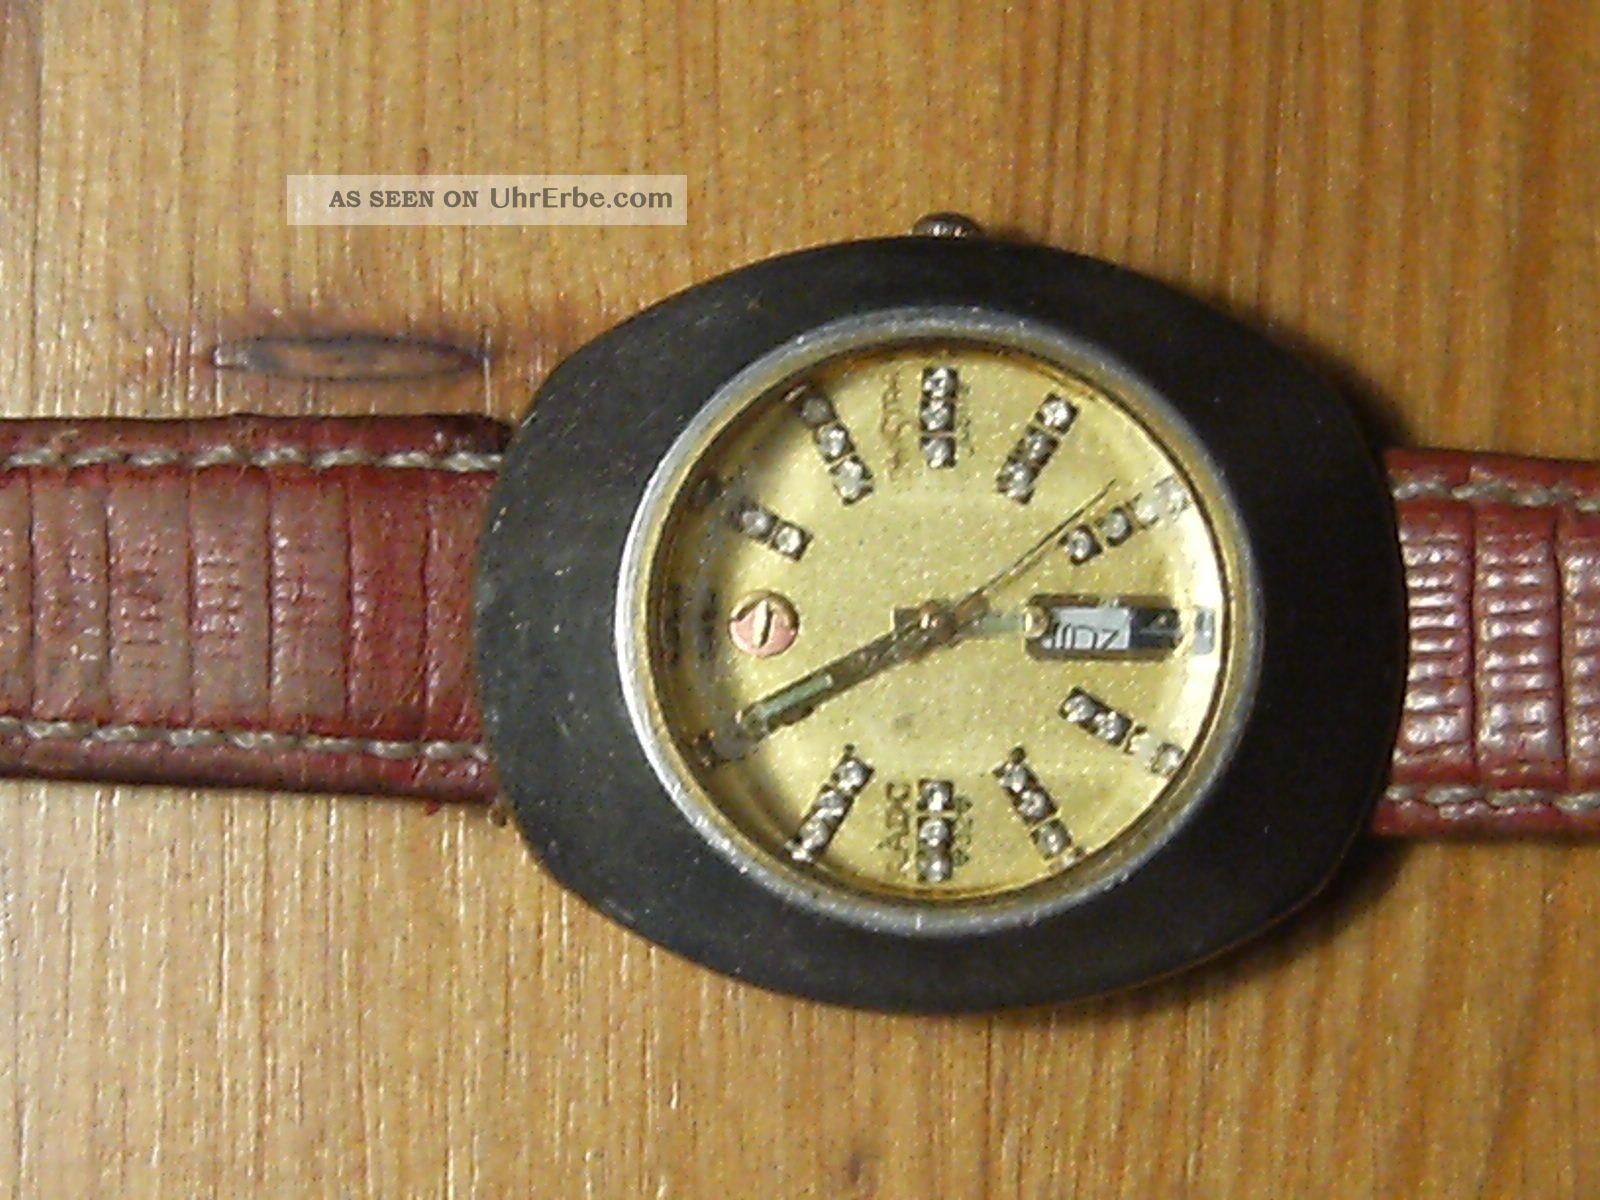 Rado Diastar Damenuhr,  32 Steine,  Automatic,  Day,  Date,  Ref.  Nr: 561.  0316.  3 Armbanduhren Bild